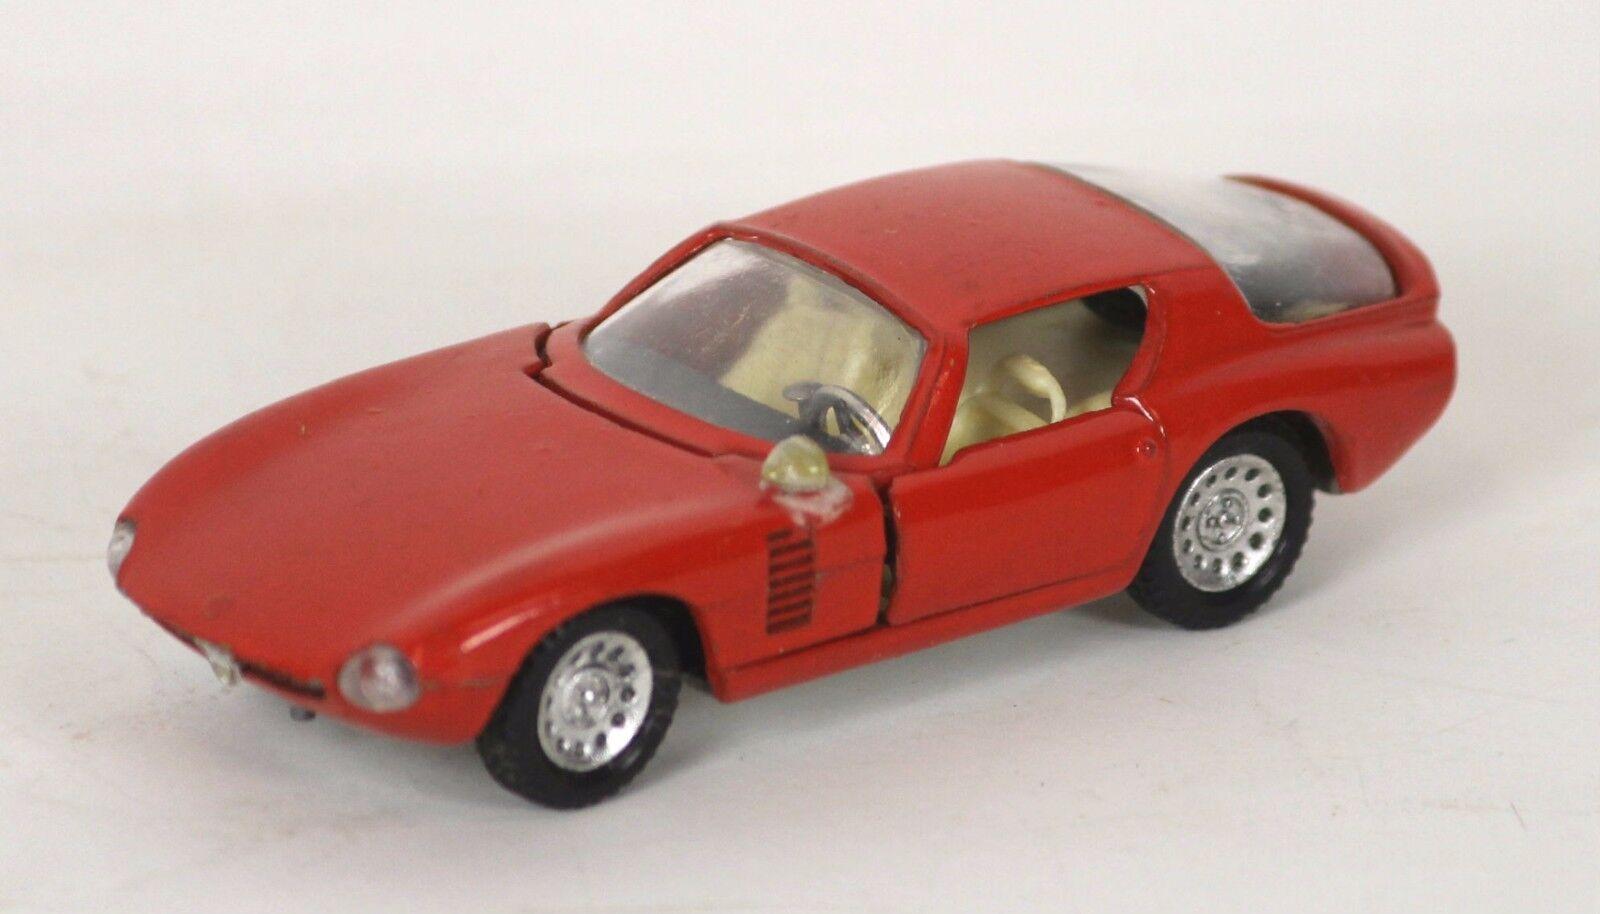 Alfa Romeo Giulia métal 1600 in (environ 4064.00 cm). JOAL. 1 43. fabrio en Espagne. année 1960.